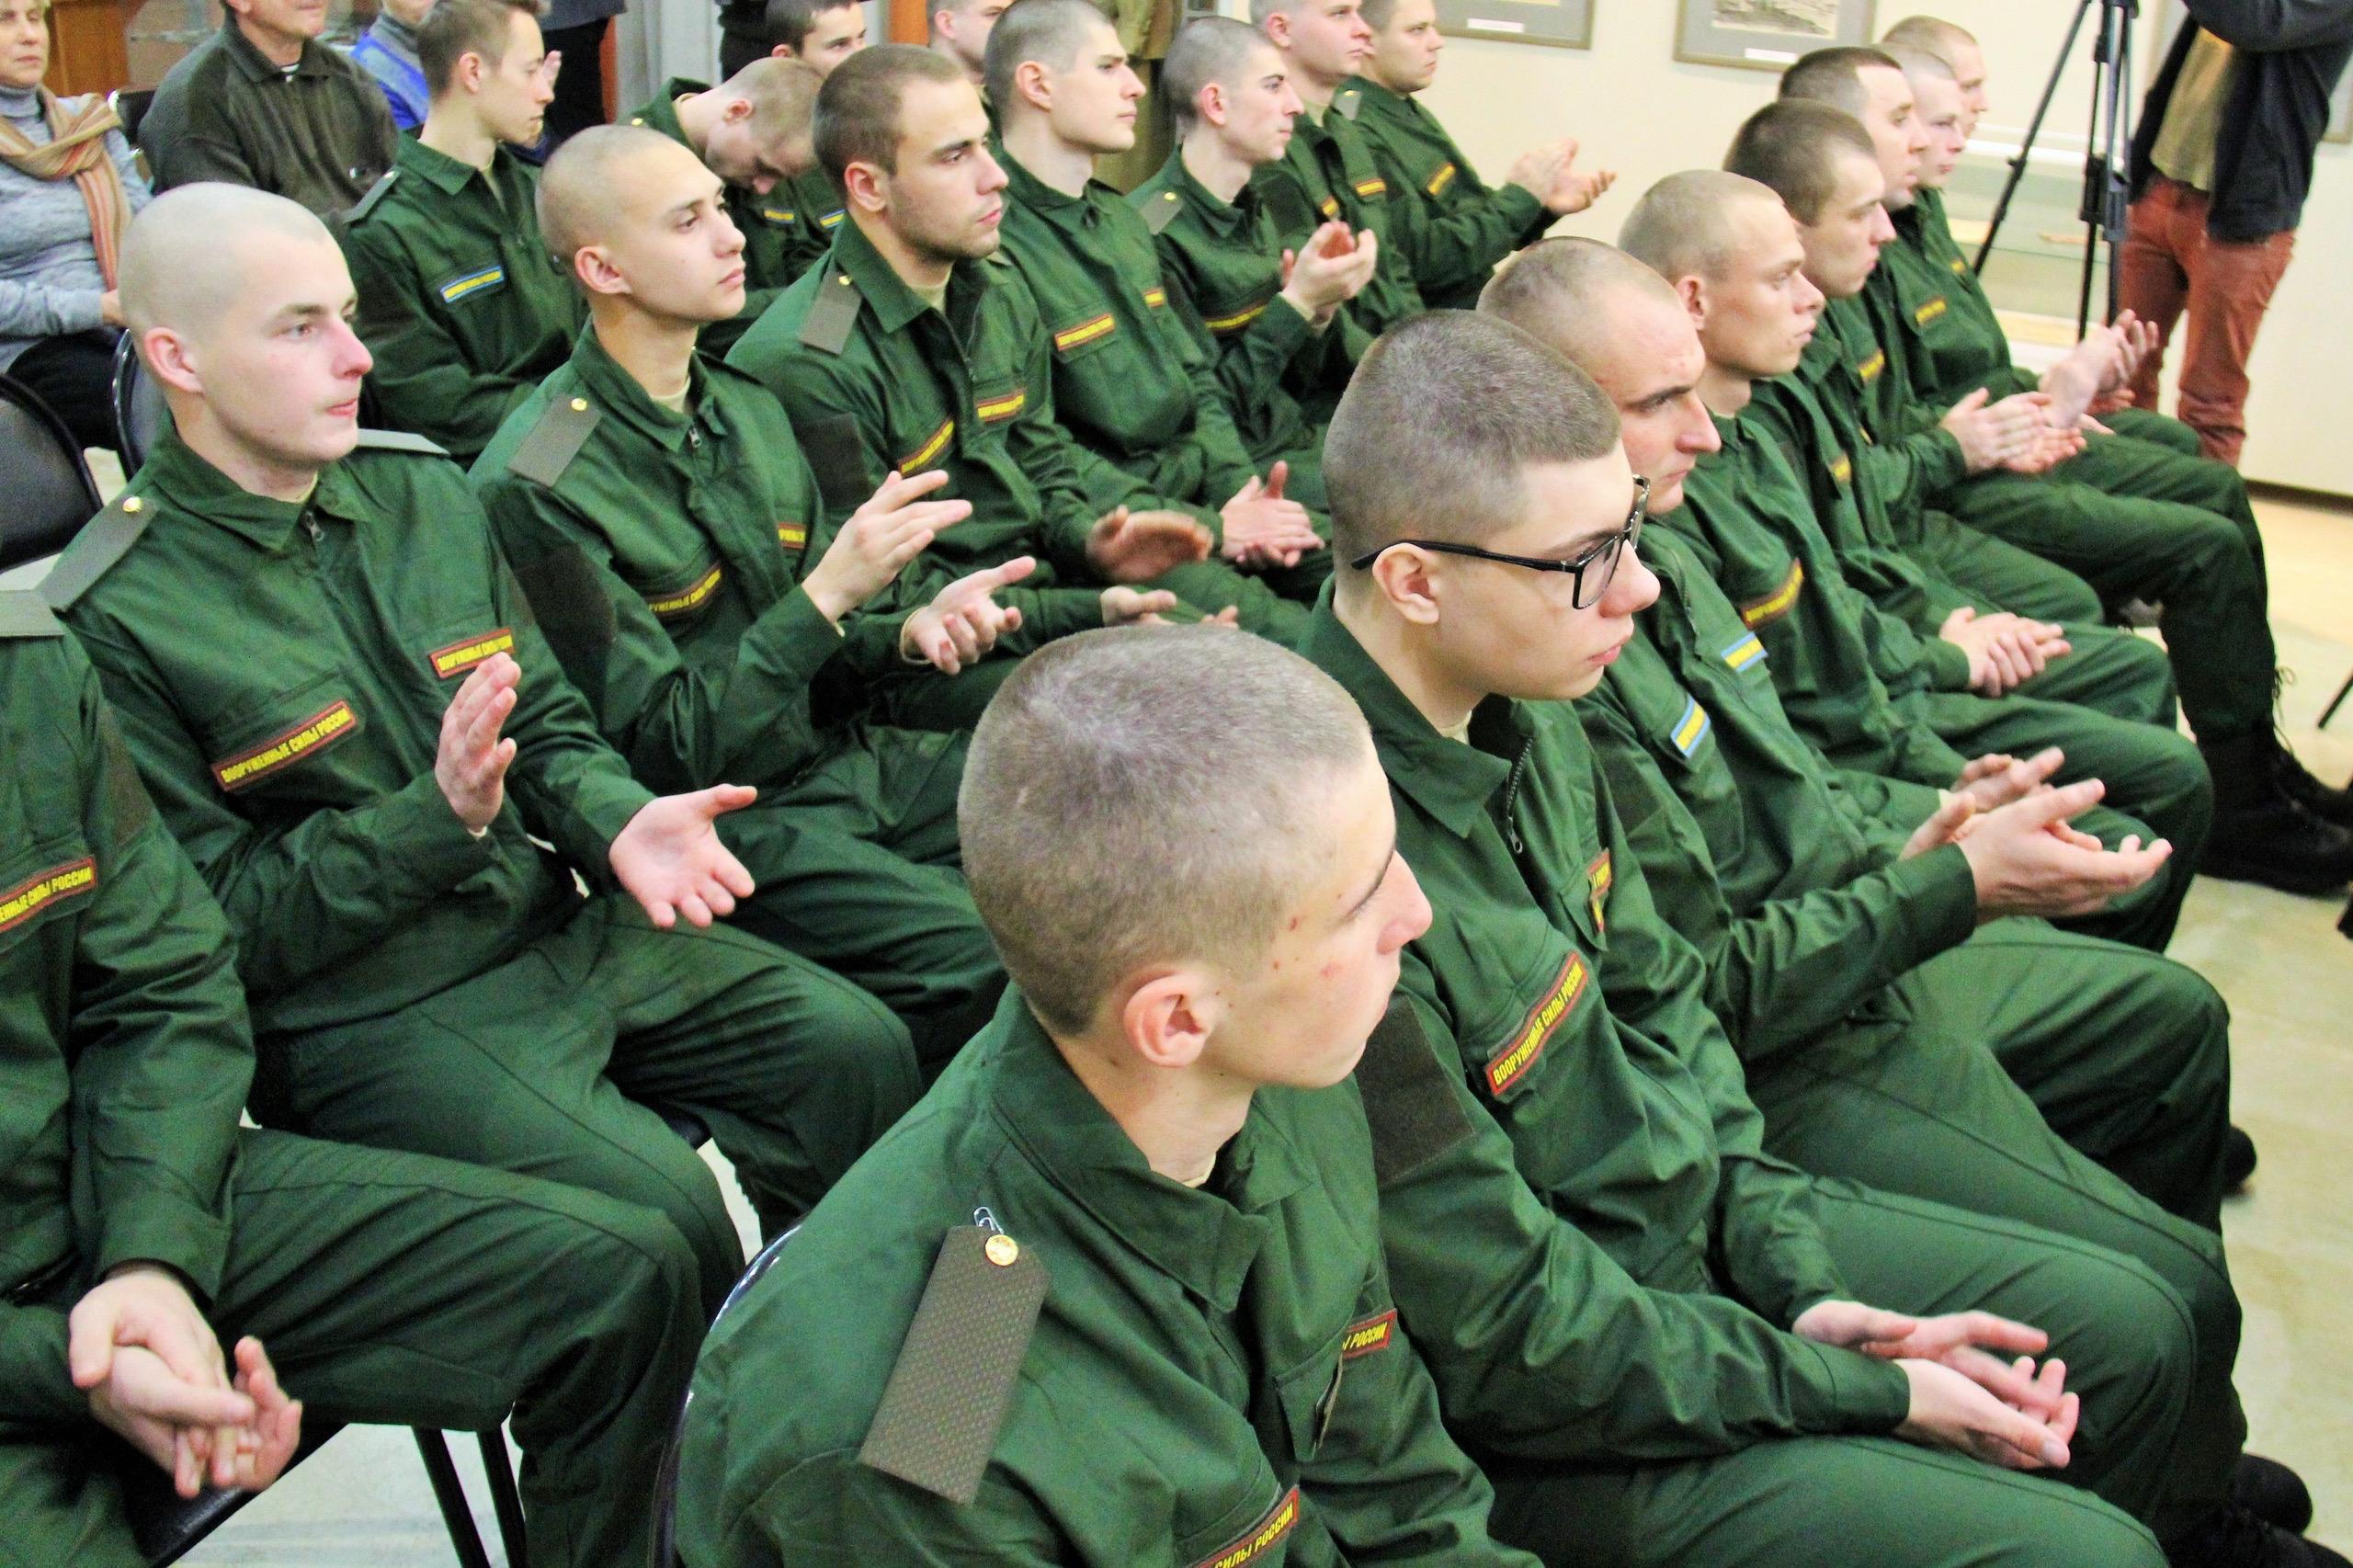 призывники, солдаты, призыв, армия